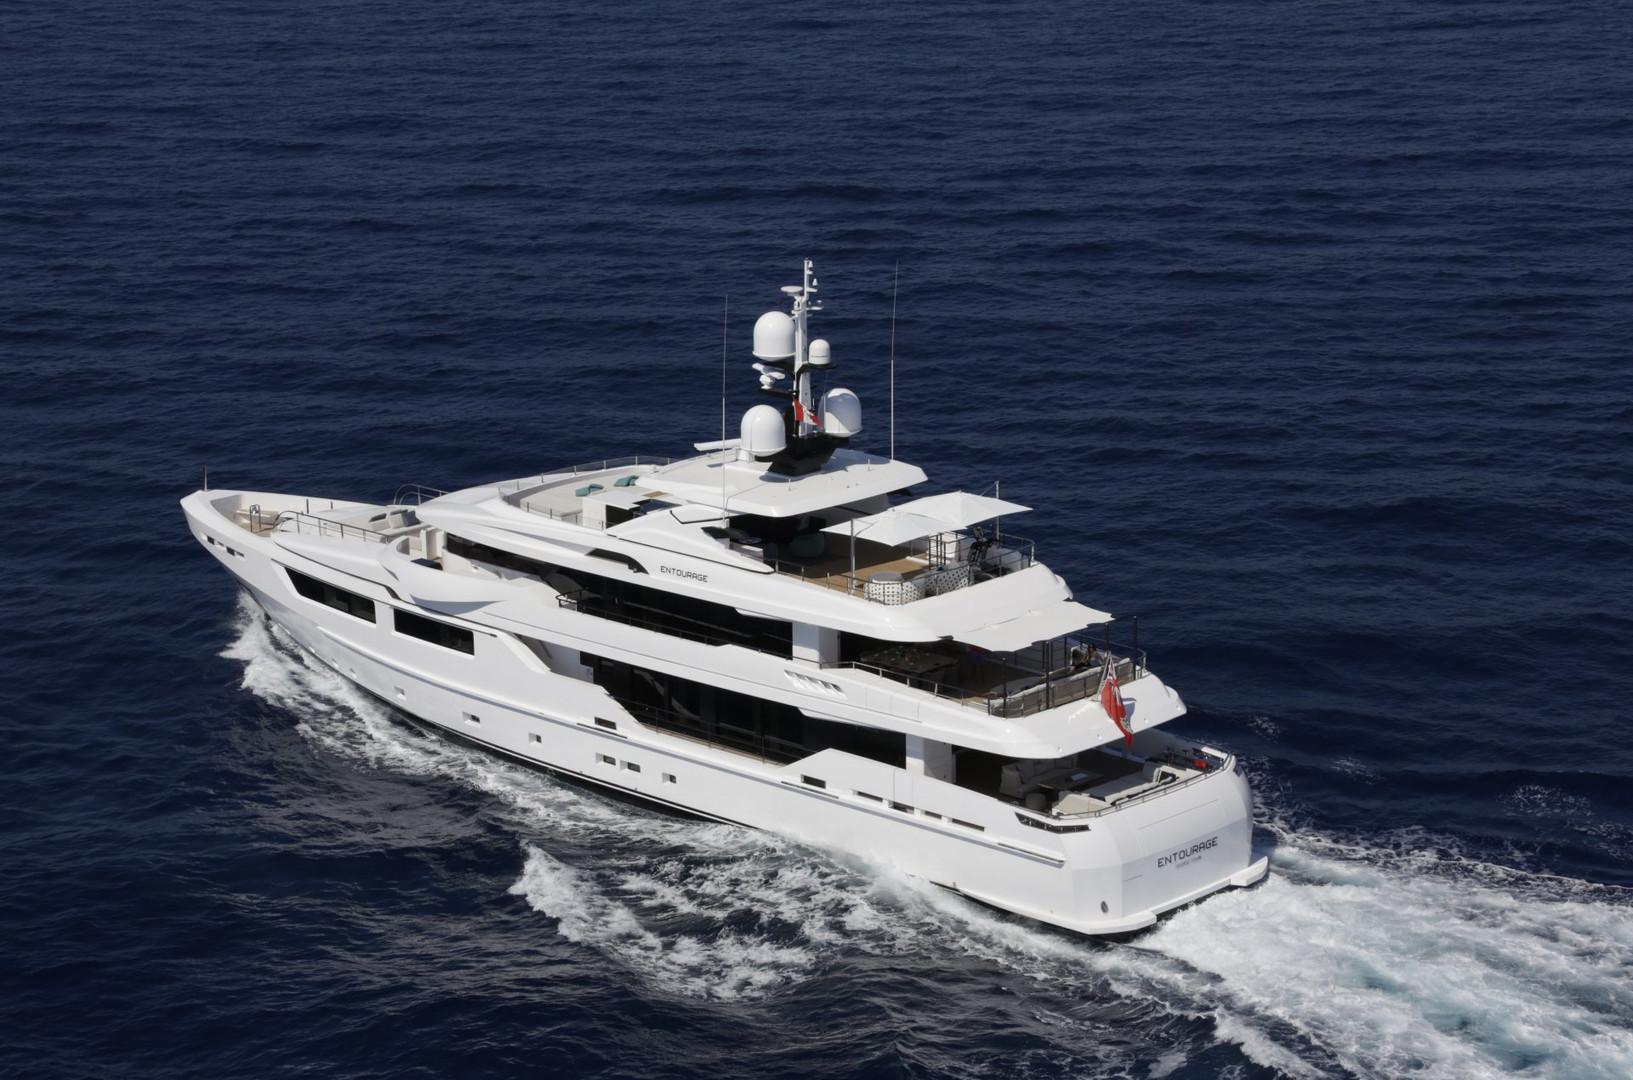 Yacht ENTOURAGE